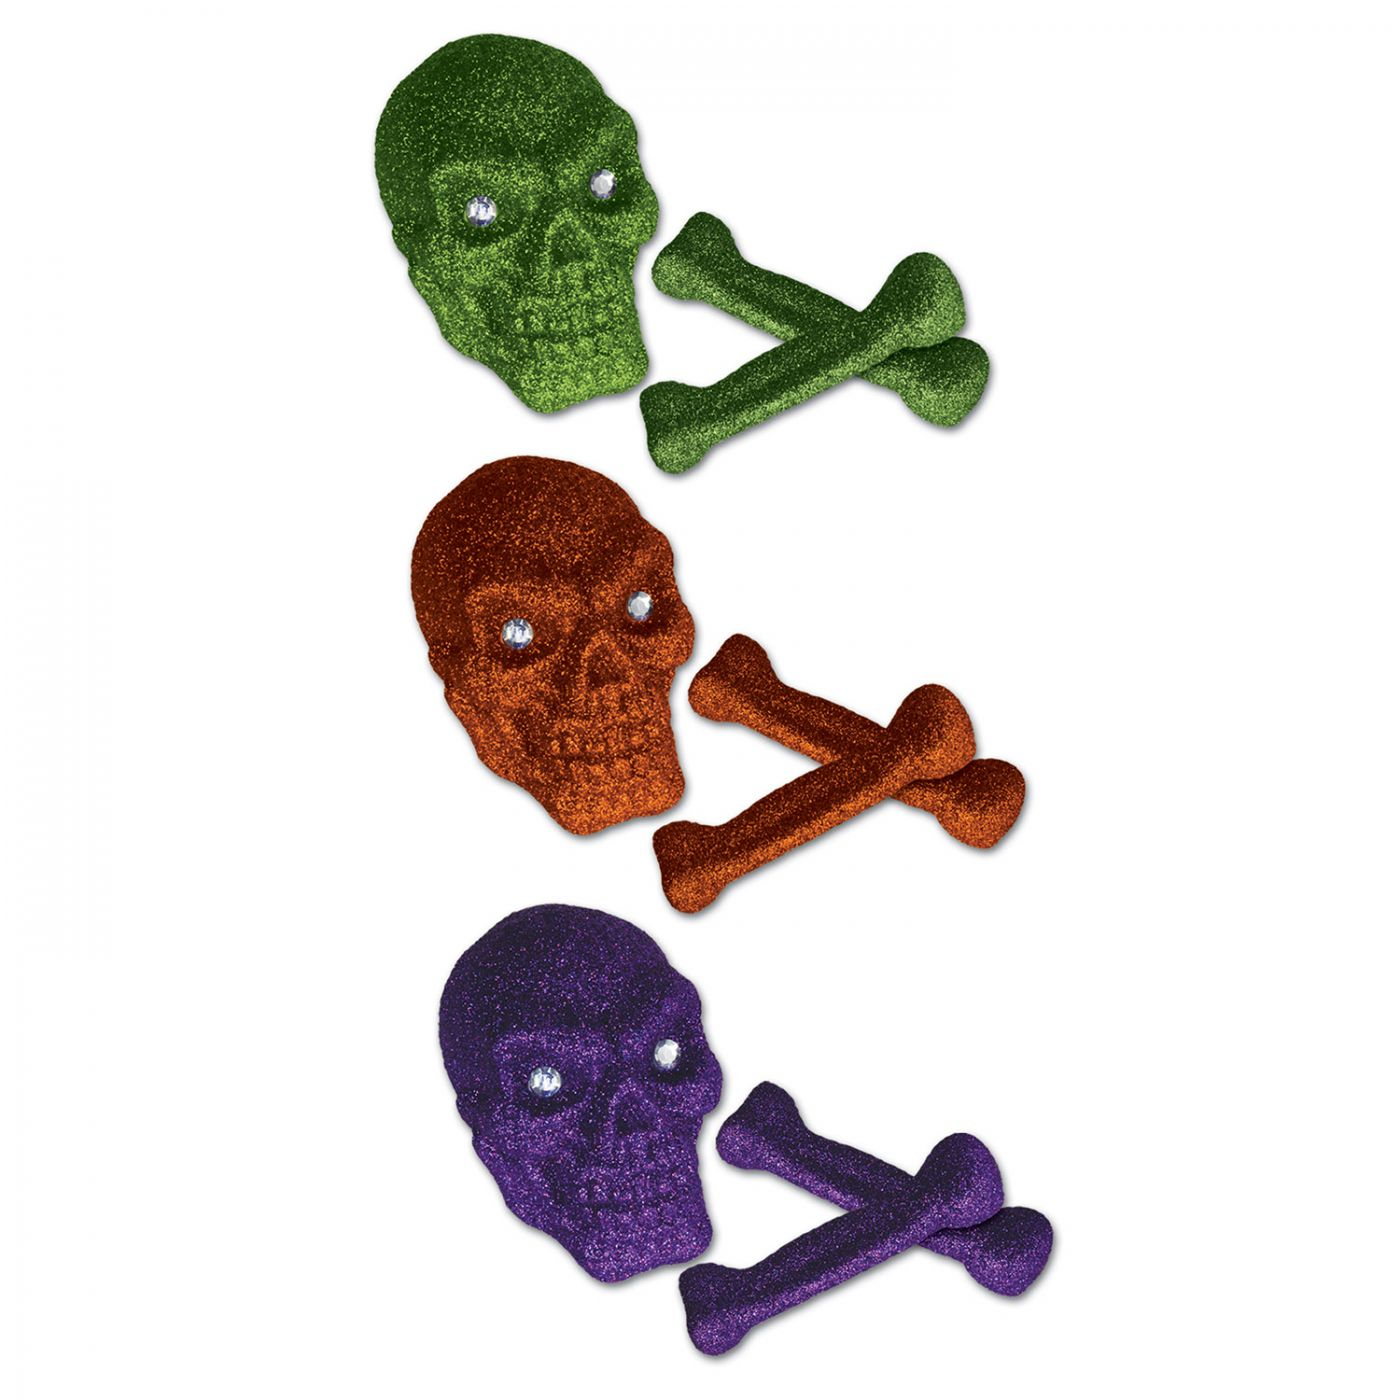 Glittered Plastic Skull & Bones image